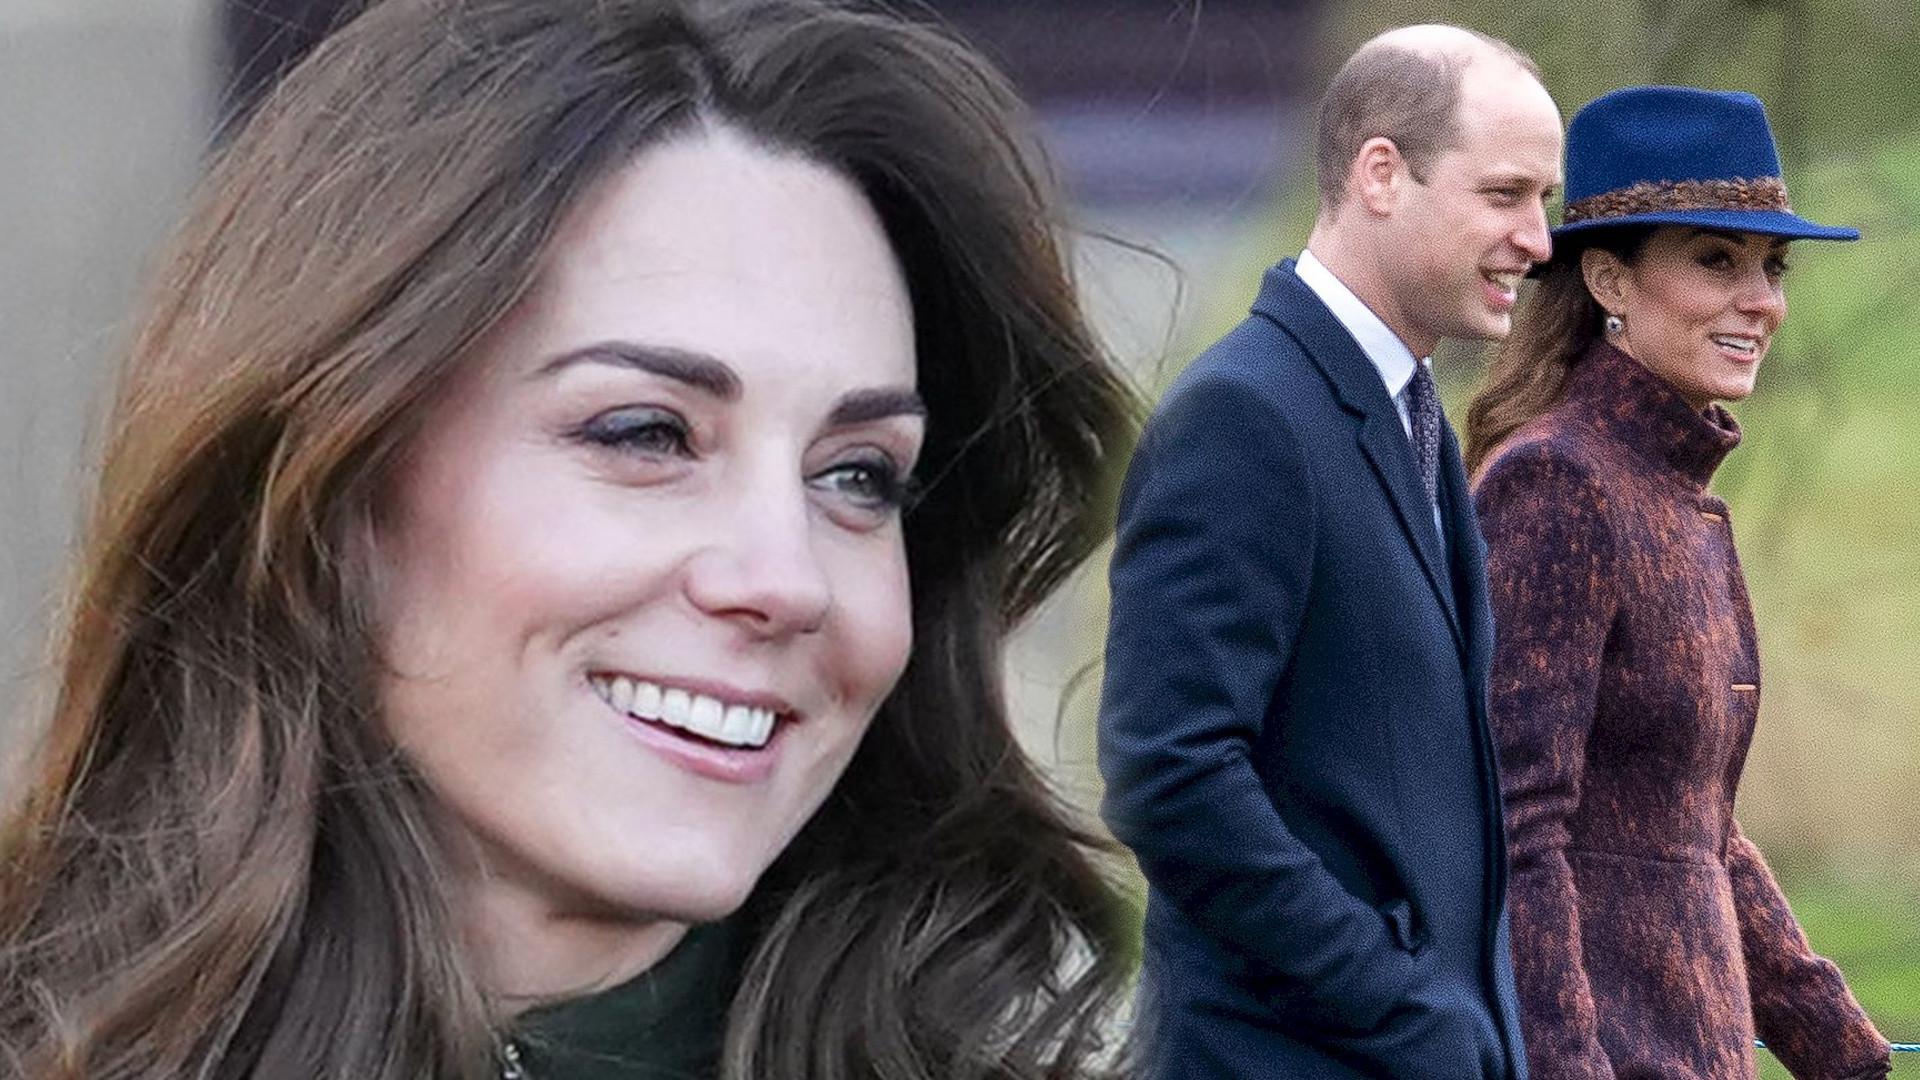 Tak będzie wyglądała świąteczna kartka księżnej Kate i Williama z dziećmi. Zdjęcie wypłynęło do sieci